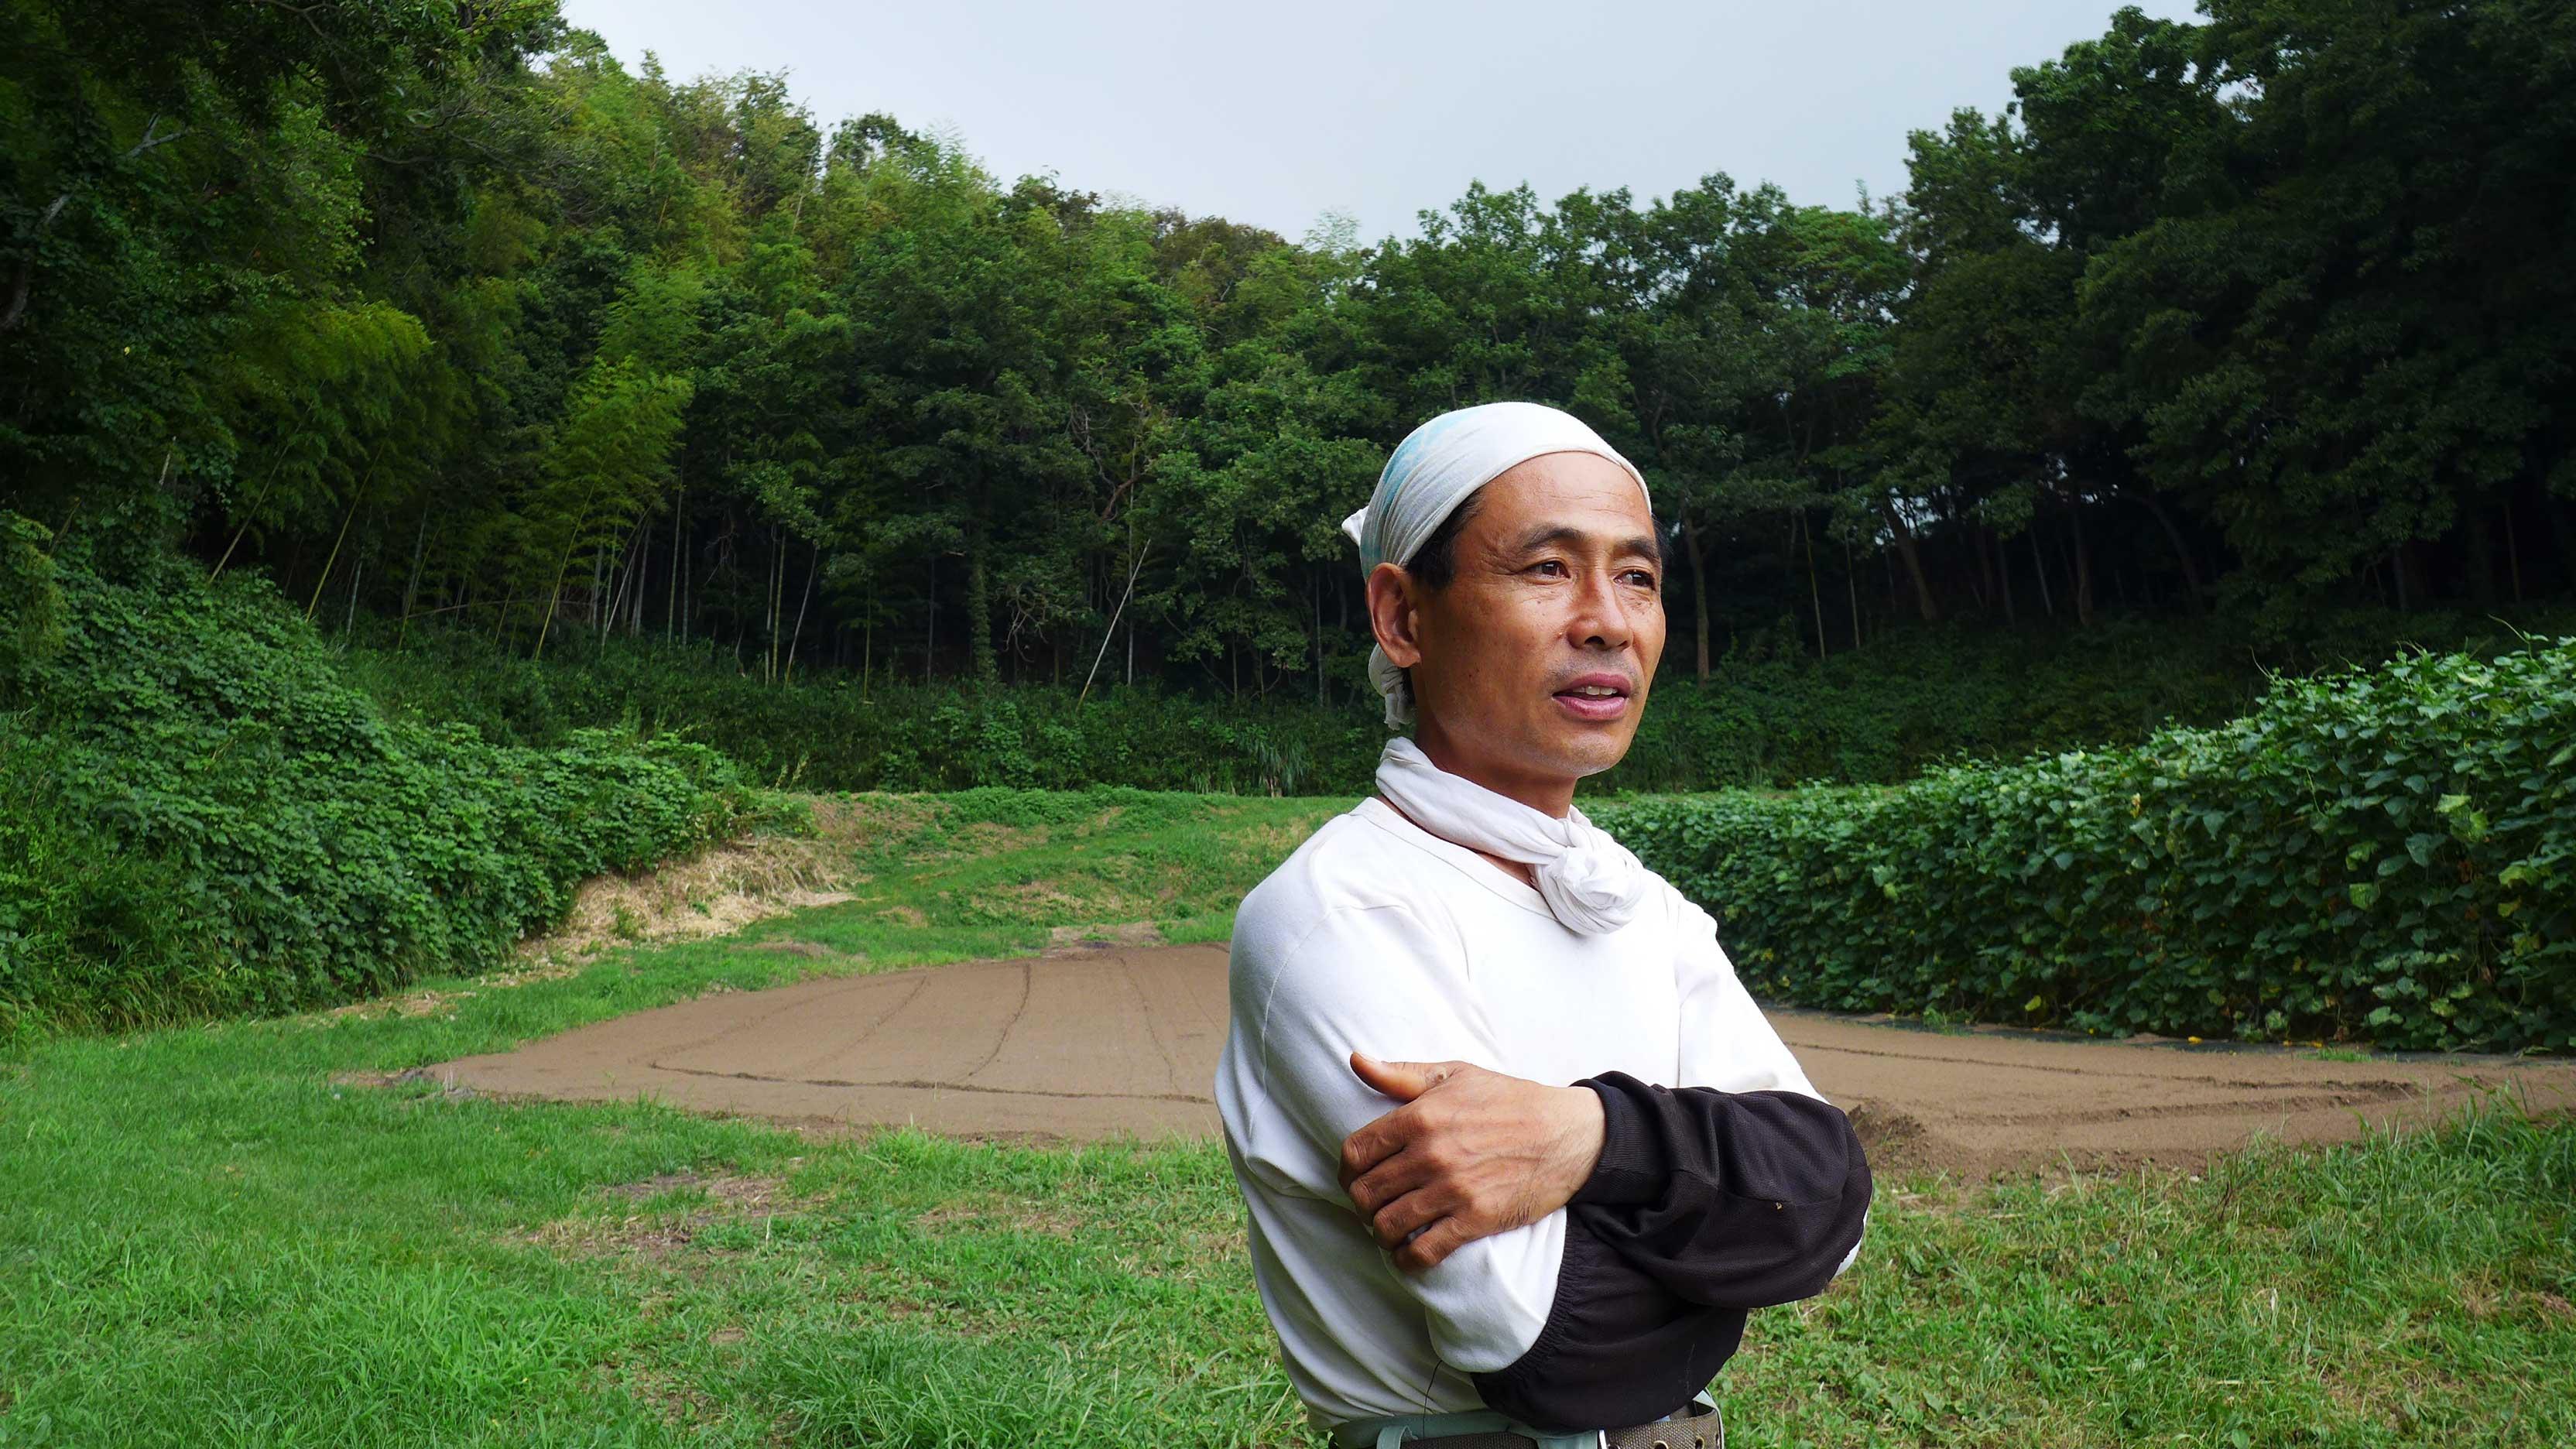 「朝採り!!常に採れたて野菜!!その秘密は立地とこだわりにあり」矢島農園 – 矢島 聡さん